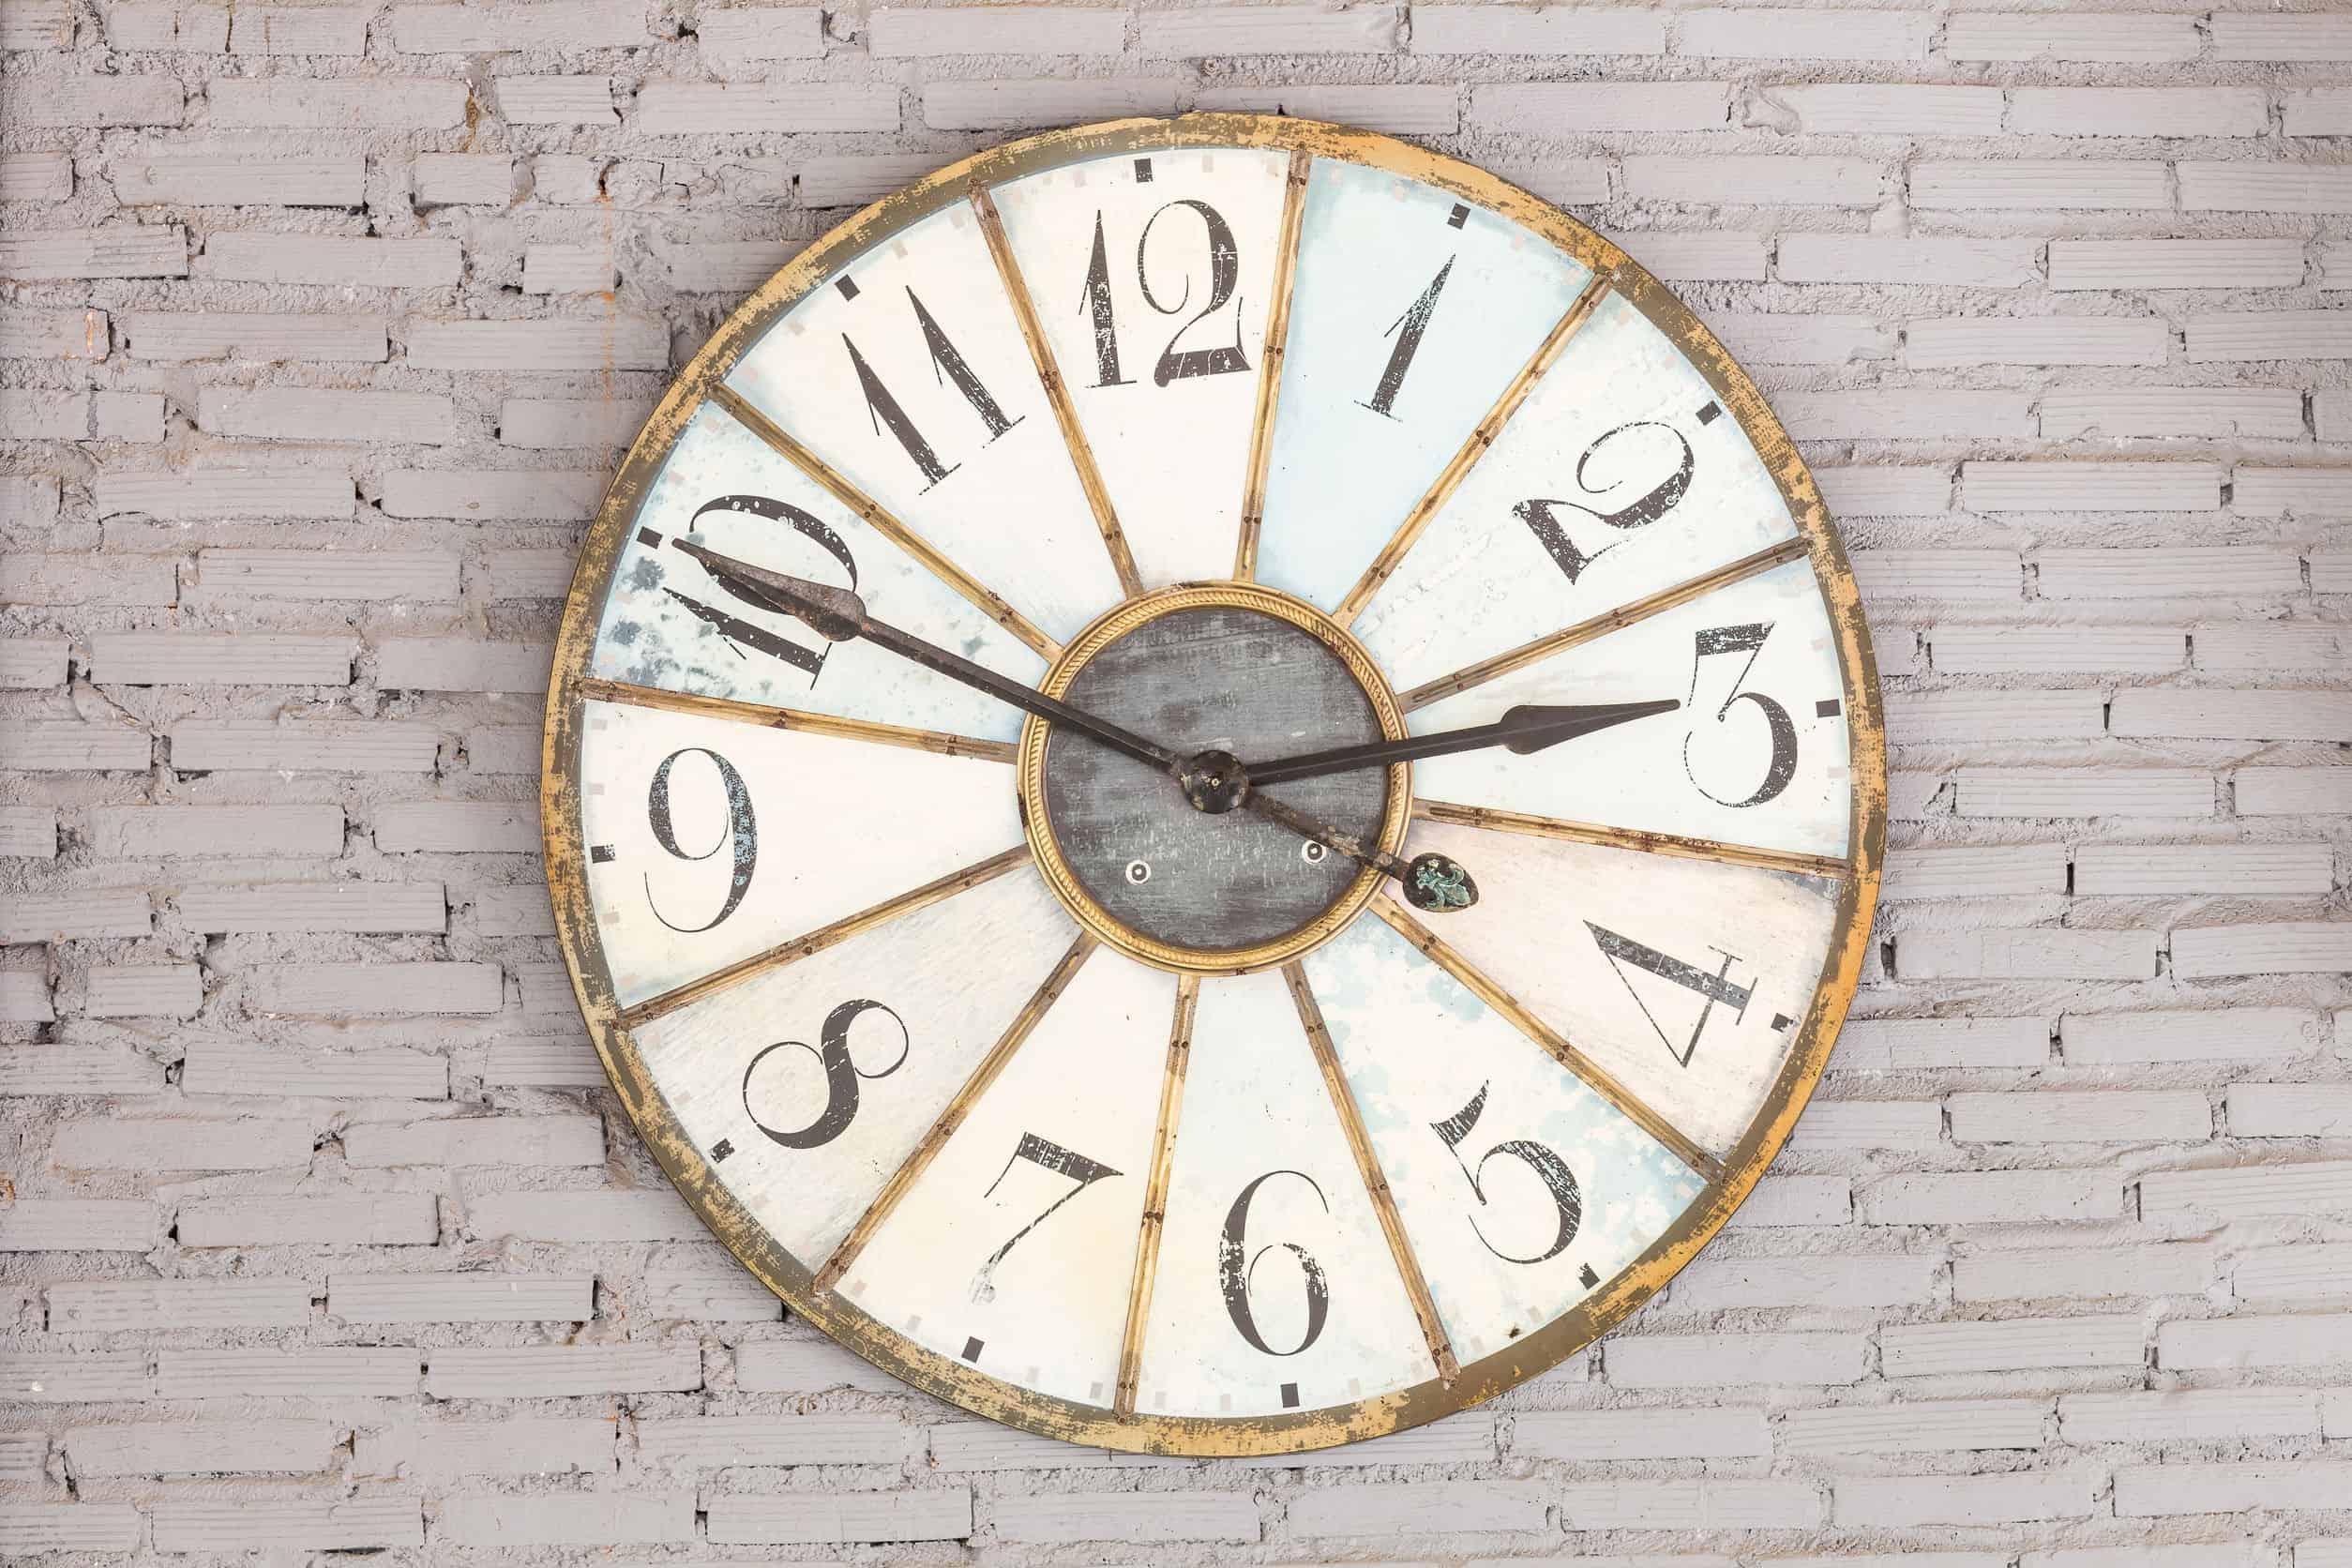 Reloj antiguo: ¿Cuál es el mejor del 2020?